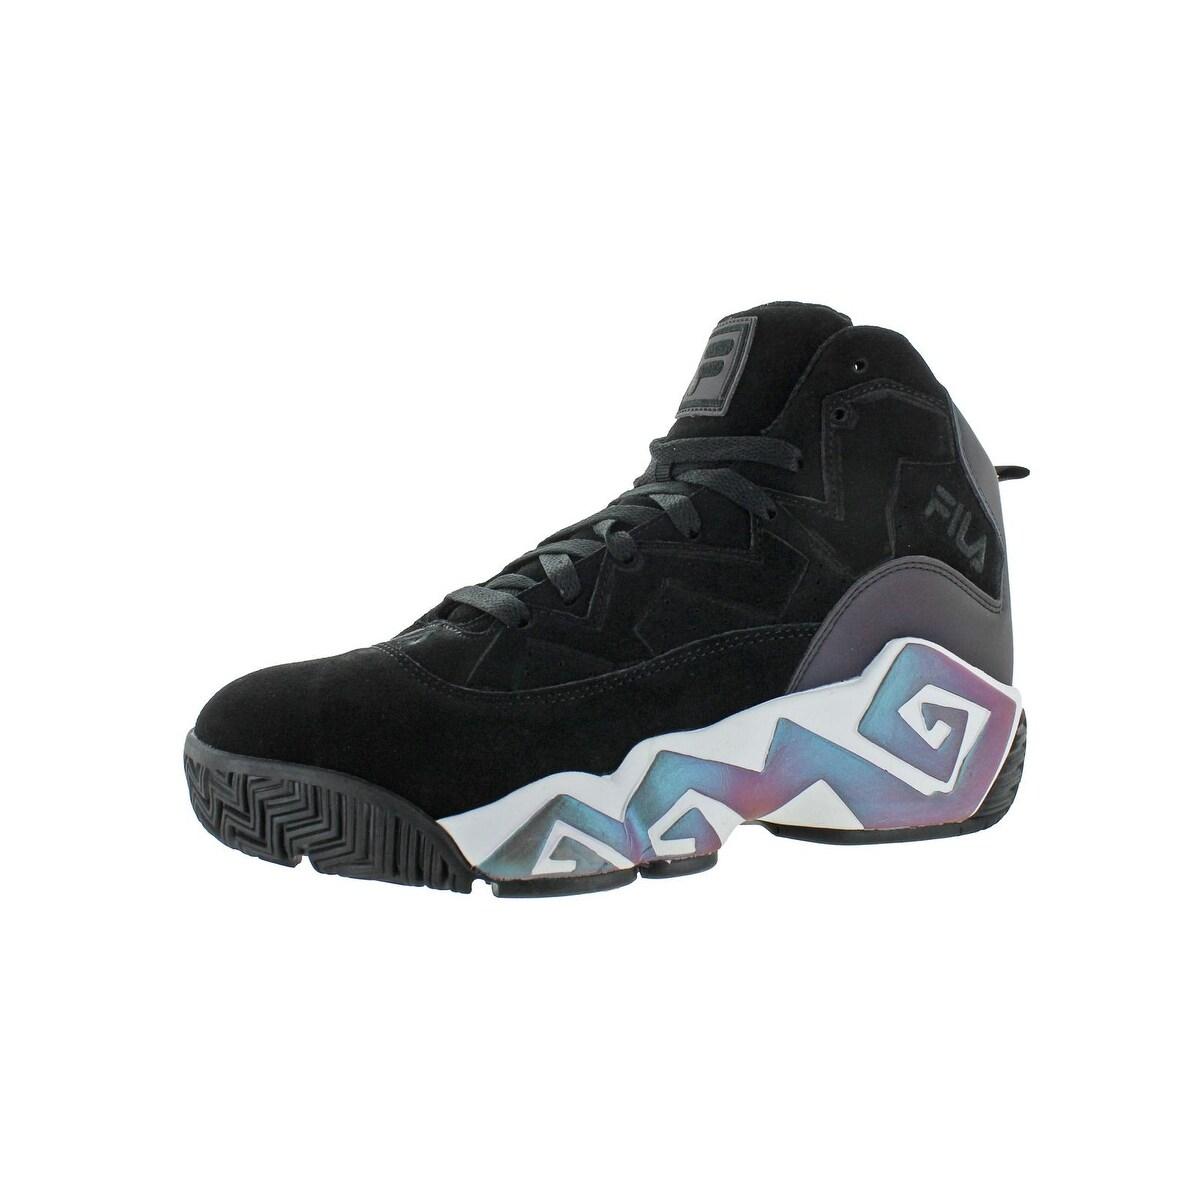 At OverstockOur Buy Shoes Men's Online Fila Best Athletic JK1cTF3l